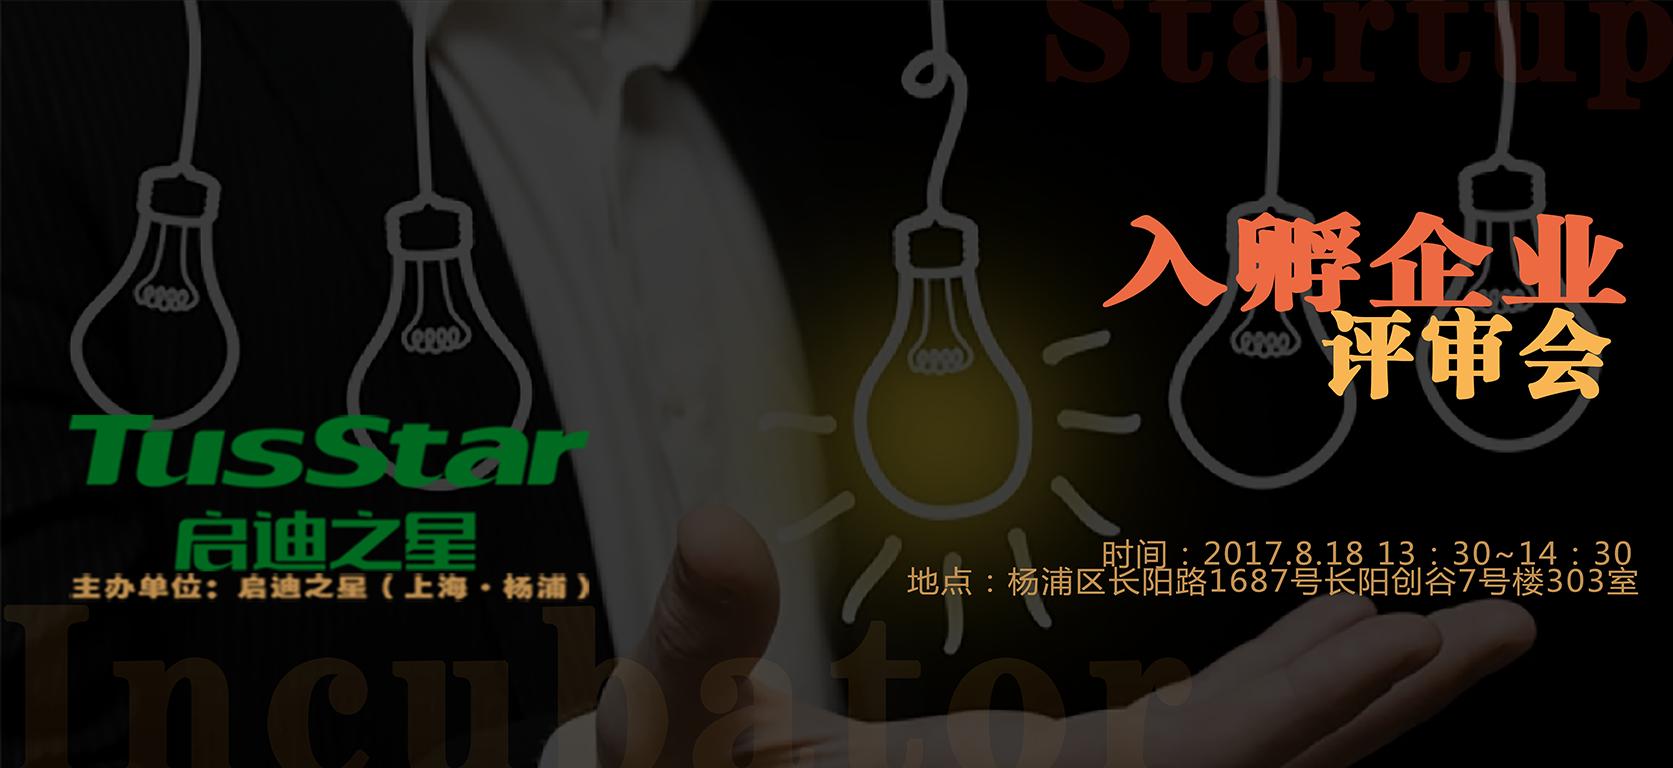 启迪之星(上海) | 入孵企业评审会